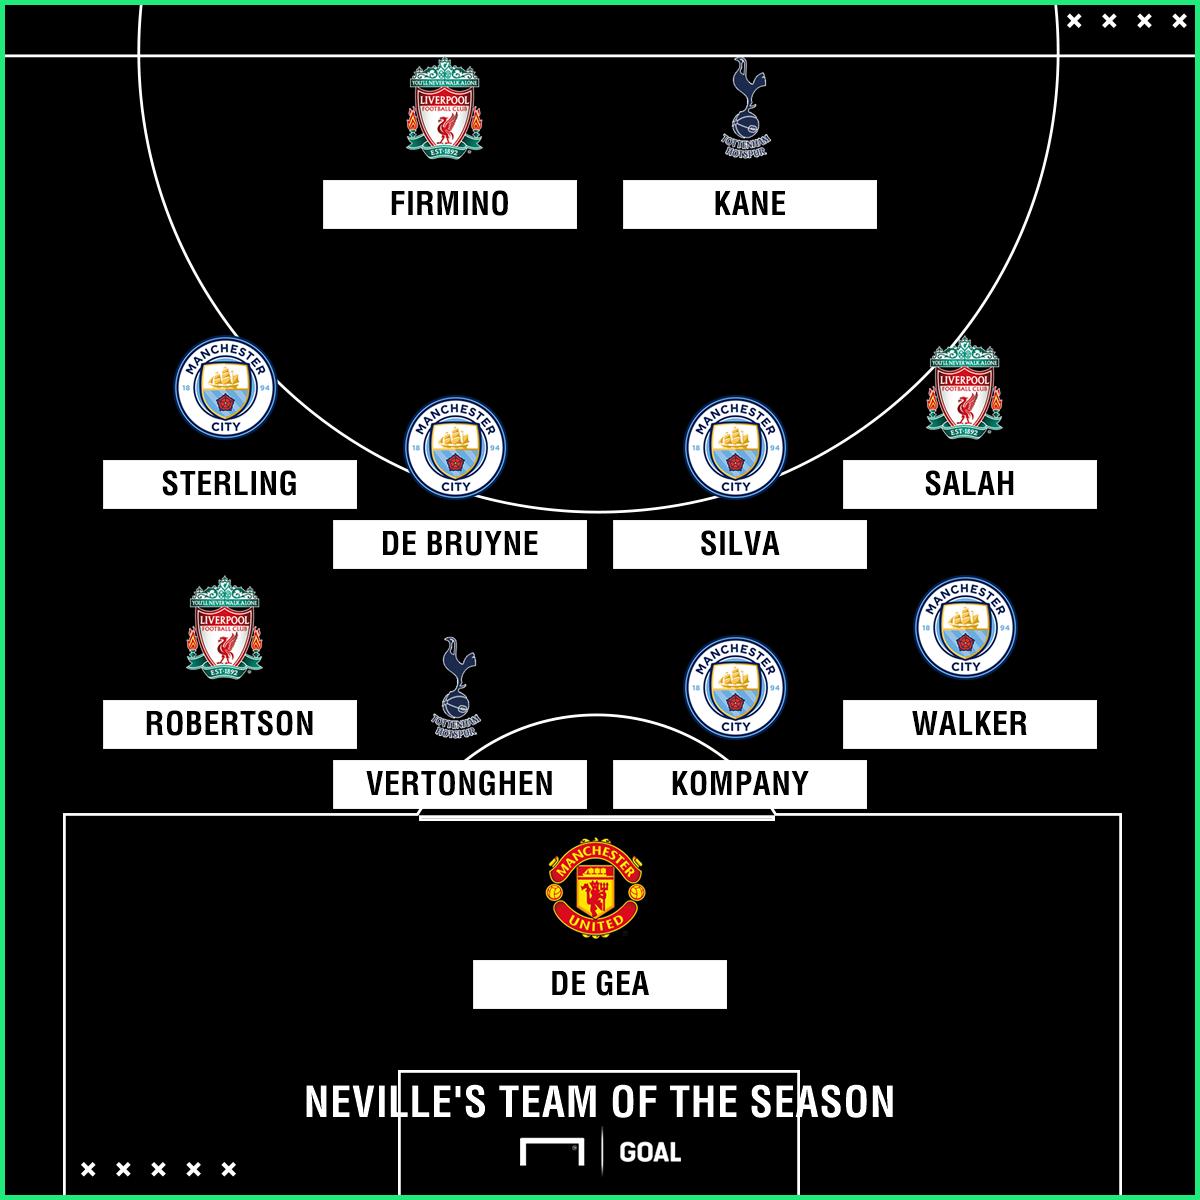 Gary Neville's Team of the Season